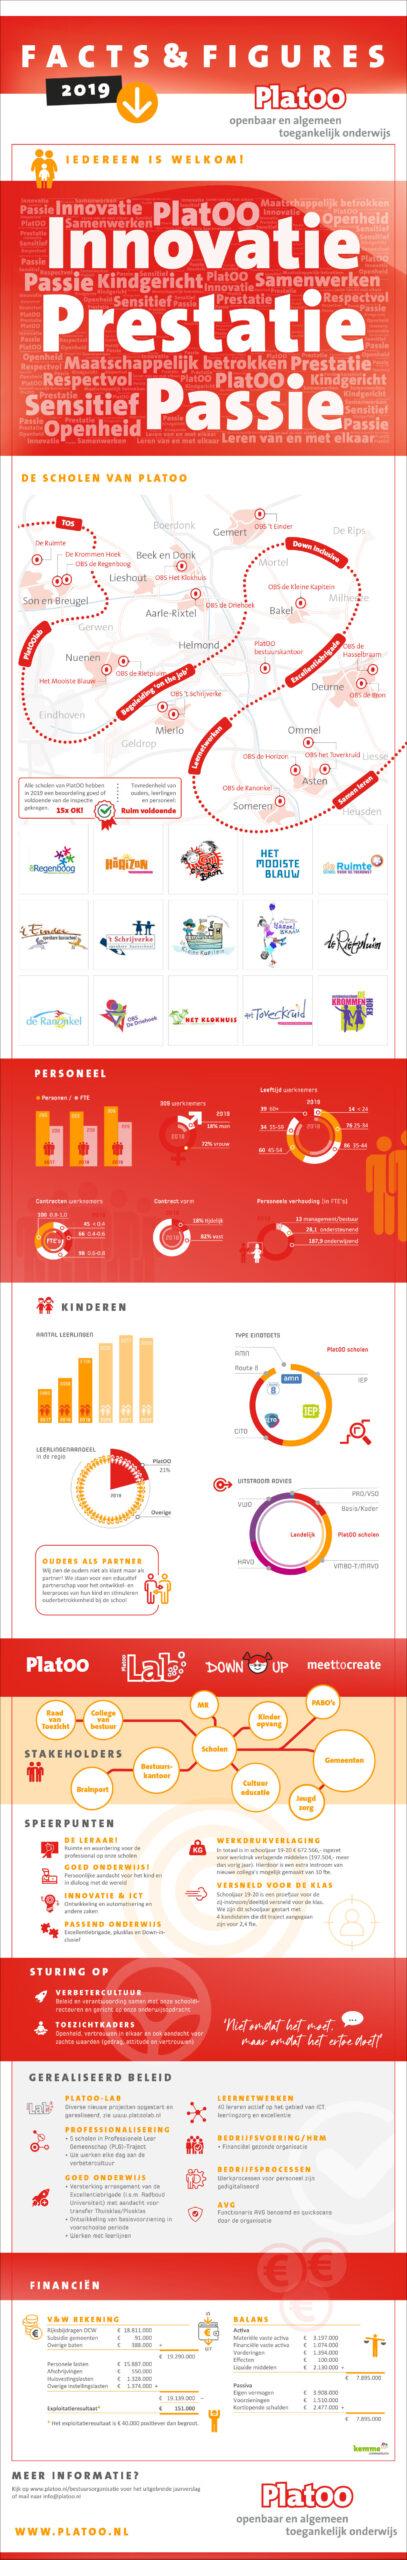 PlatOO jaarbeeld facts & figures 2019